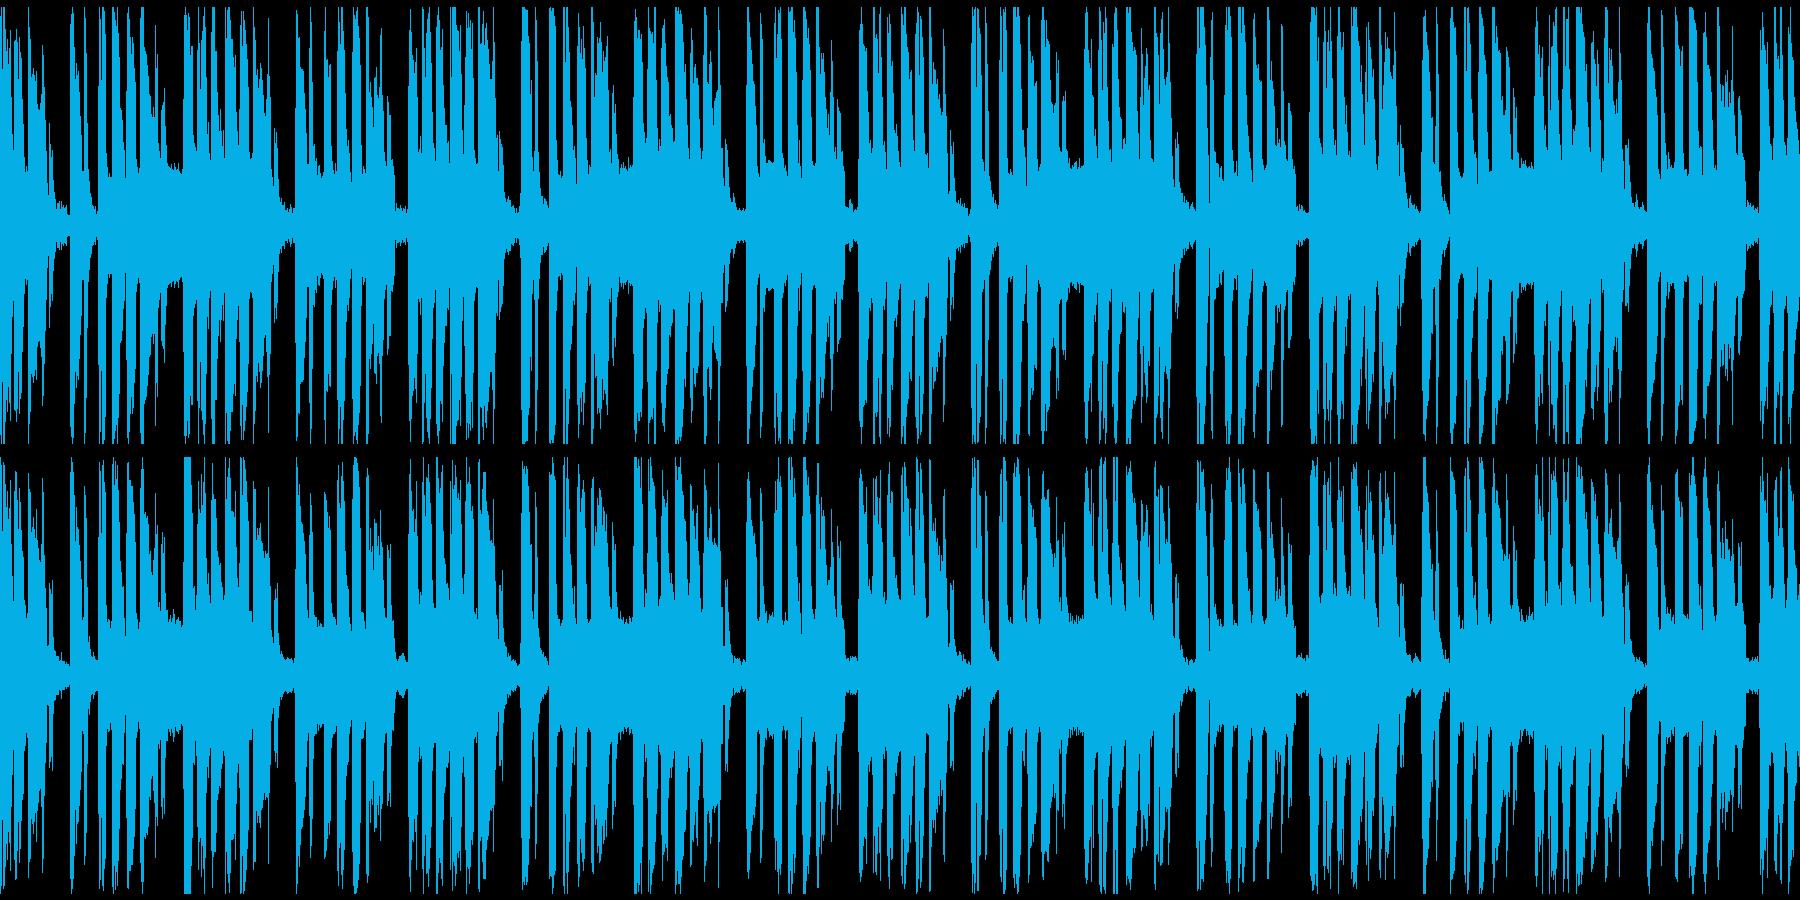 キャラ選択、システム画面など(ループ)の再生済みの波形